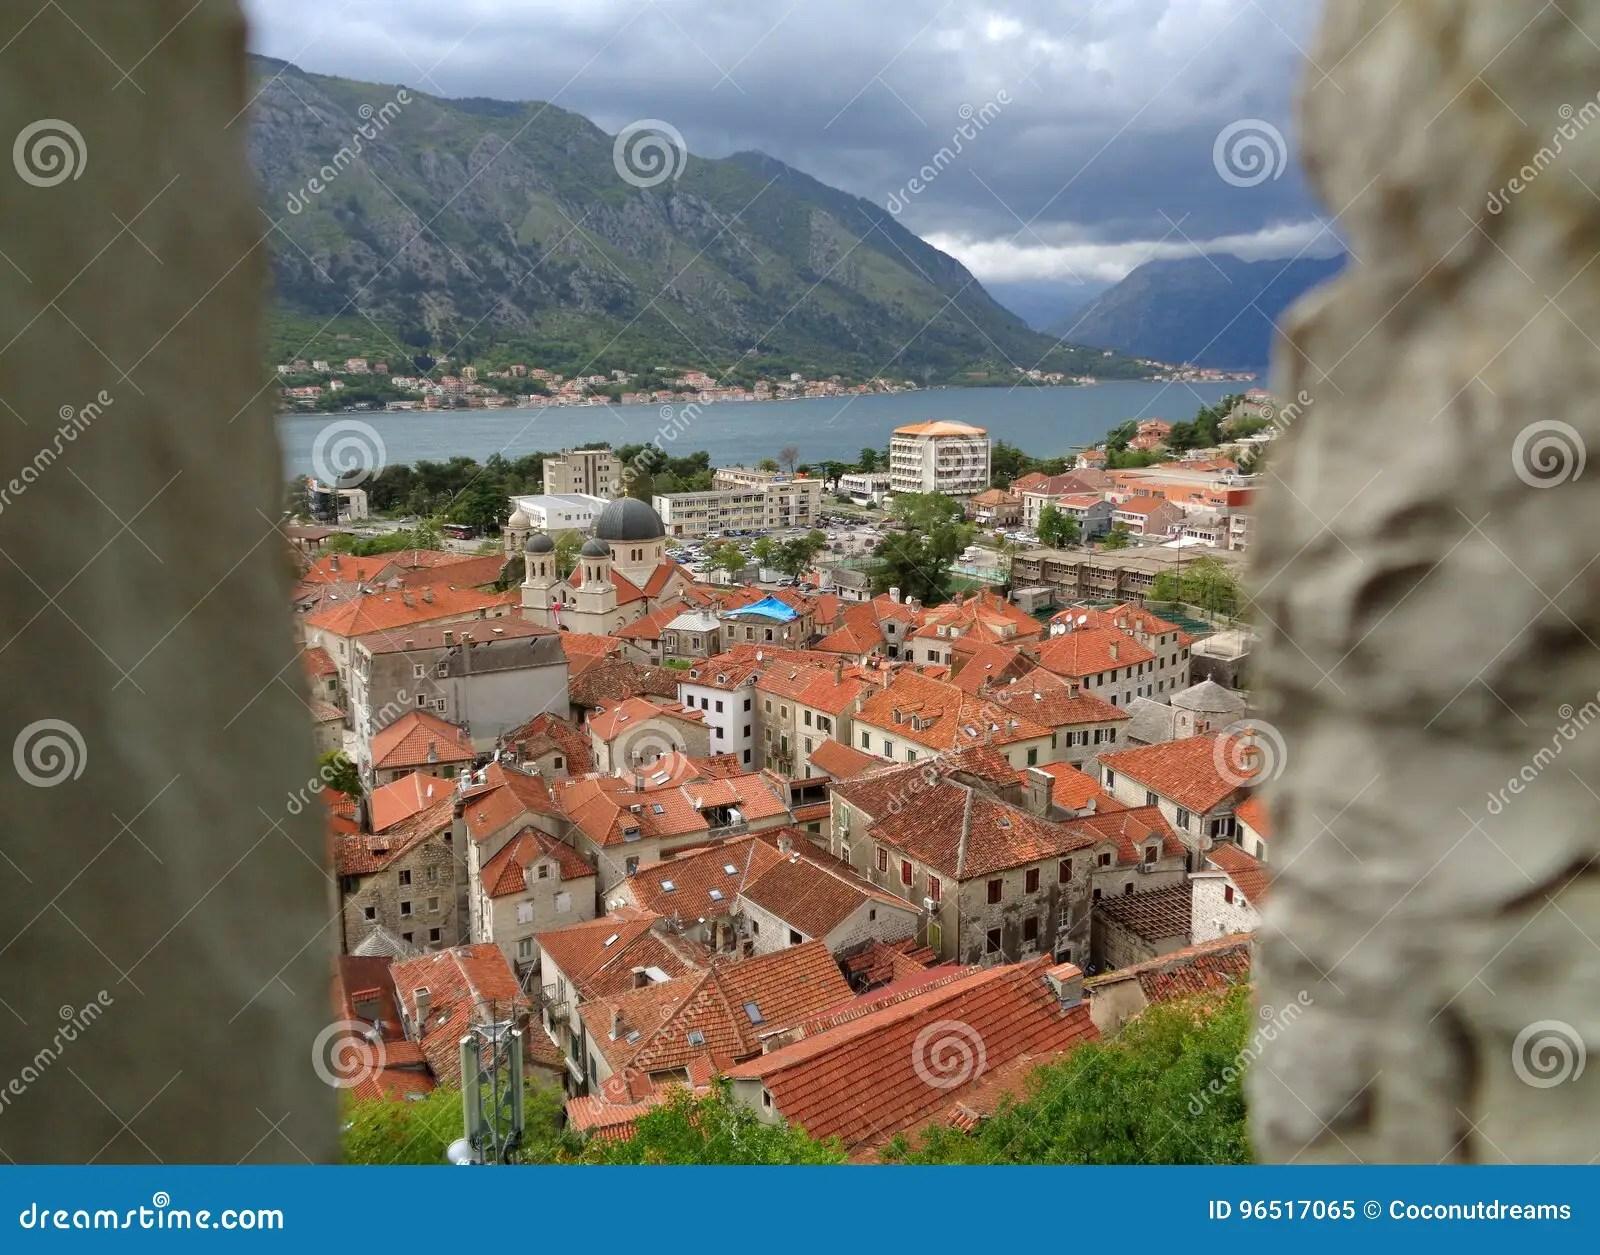 vue renversante de vieille ville de kotor et de baie de kotor vues du rempart